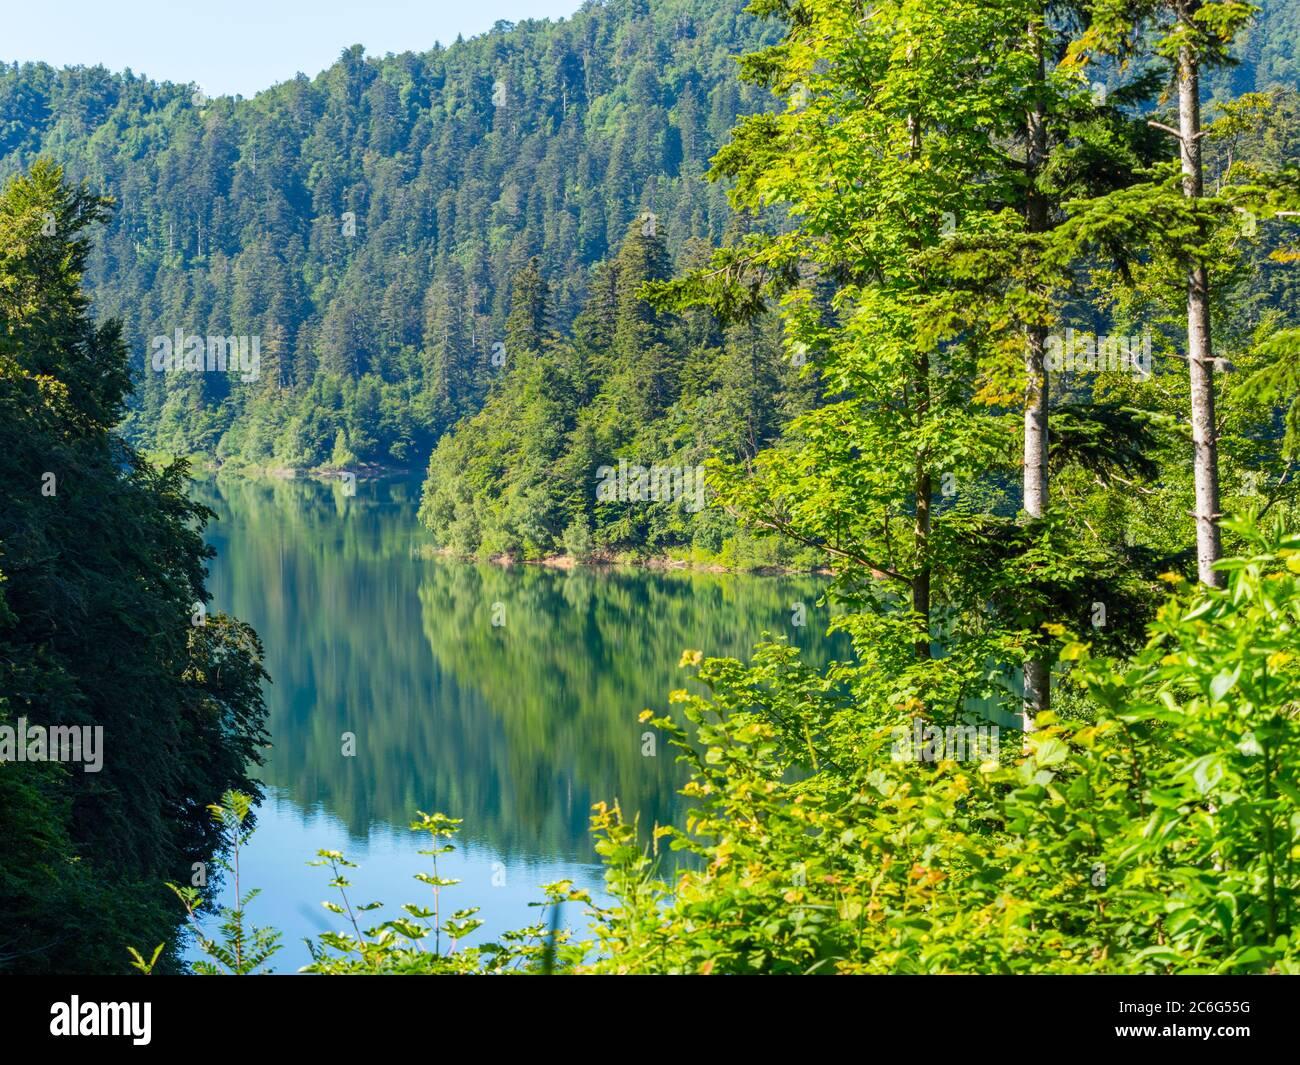 Majestuoso Bosque verde mañana calma calma serenidad espejo imágenes reflejo a lo largo de la costa Lokve lago Lokvarsko jezero Croacia Europa Foto de stock